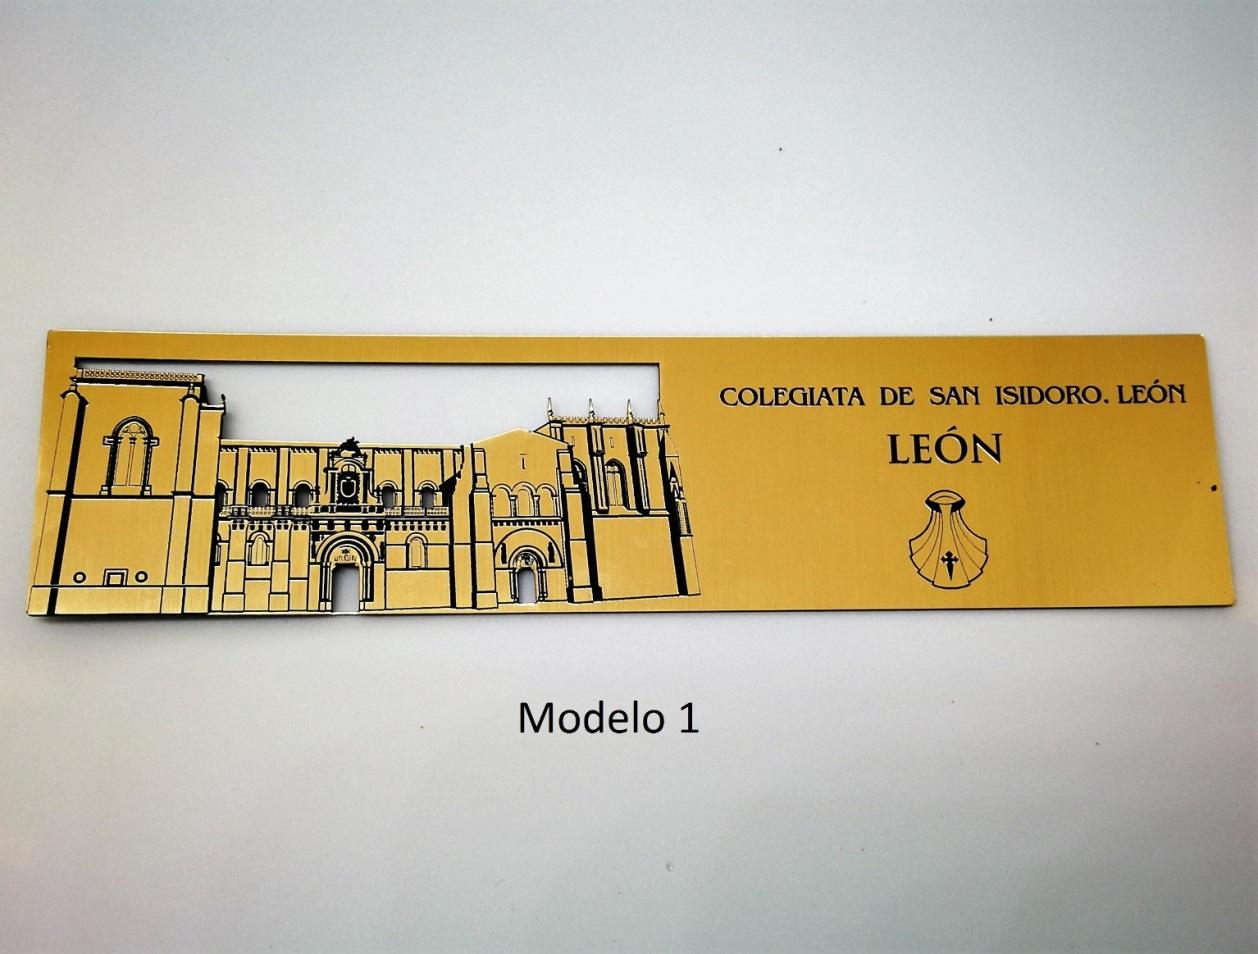 Marcapáginas San Isidoro. León (modelo 1)